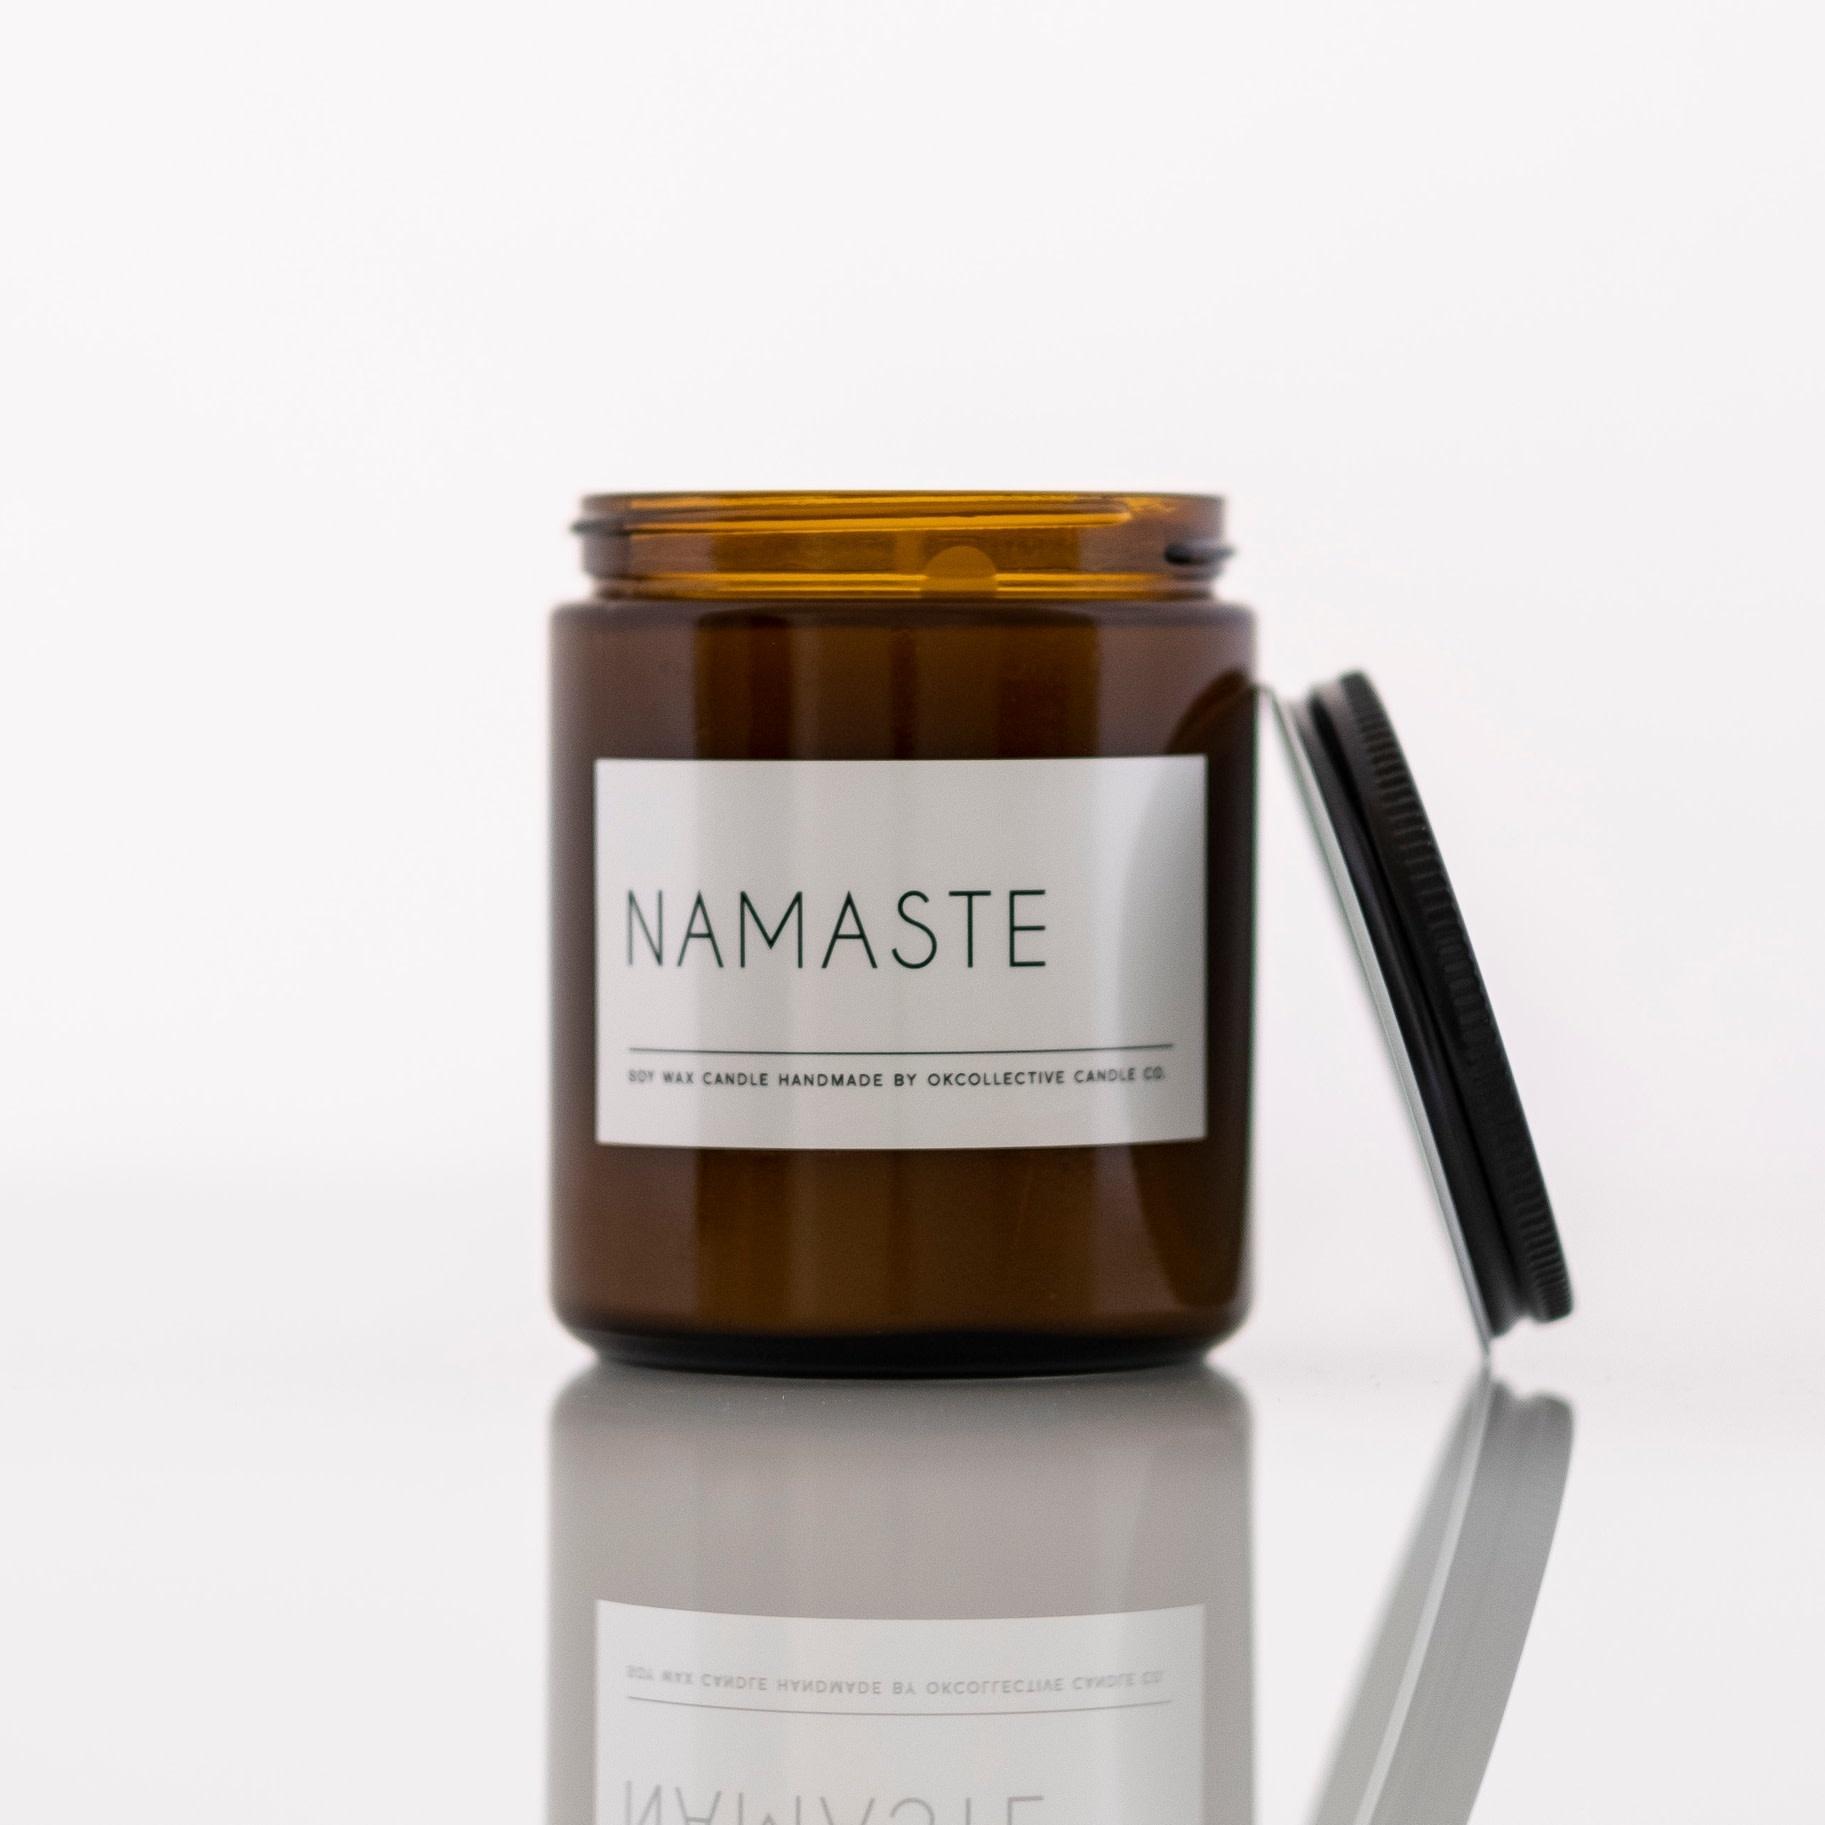 Namaste 8oz Candle